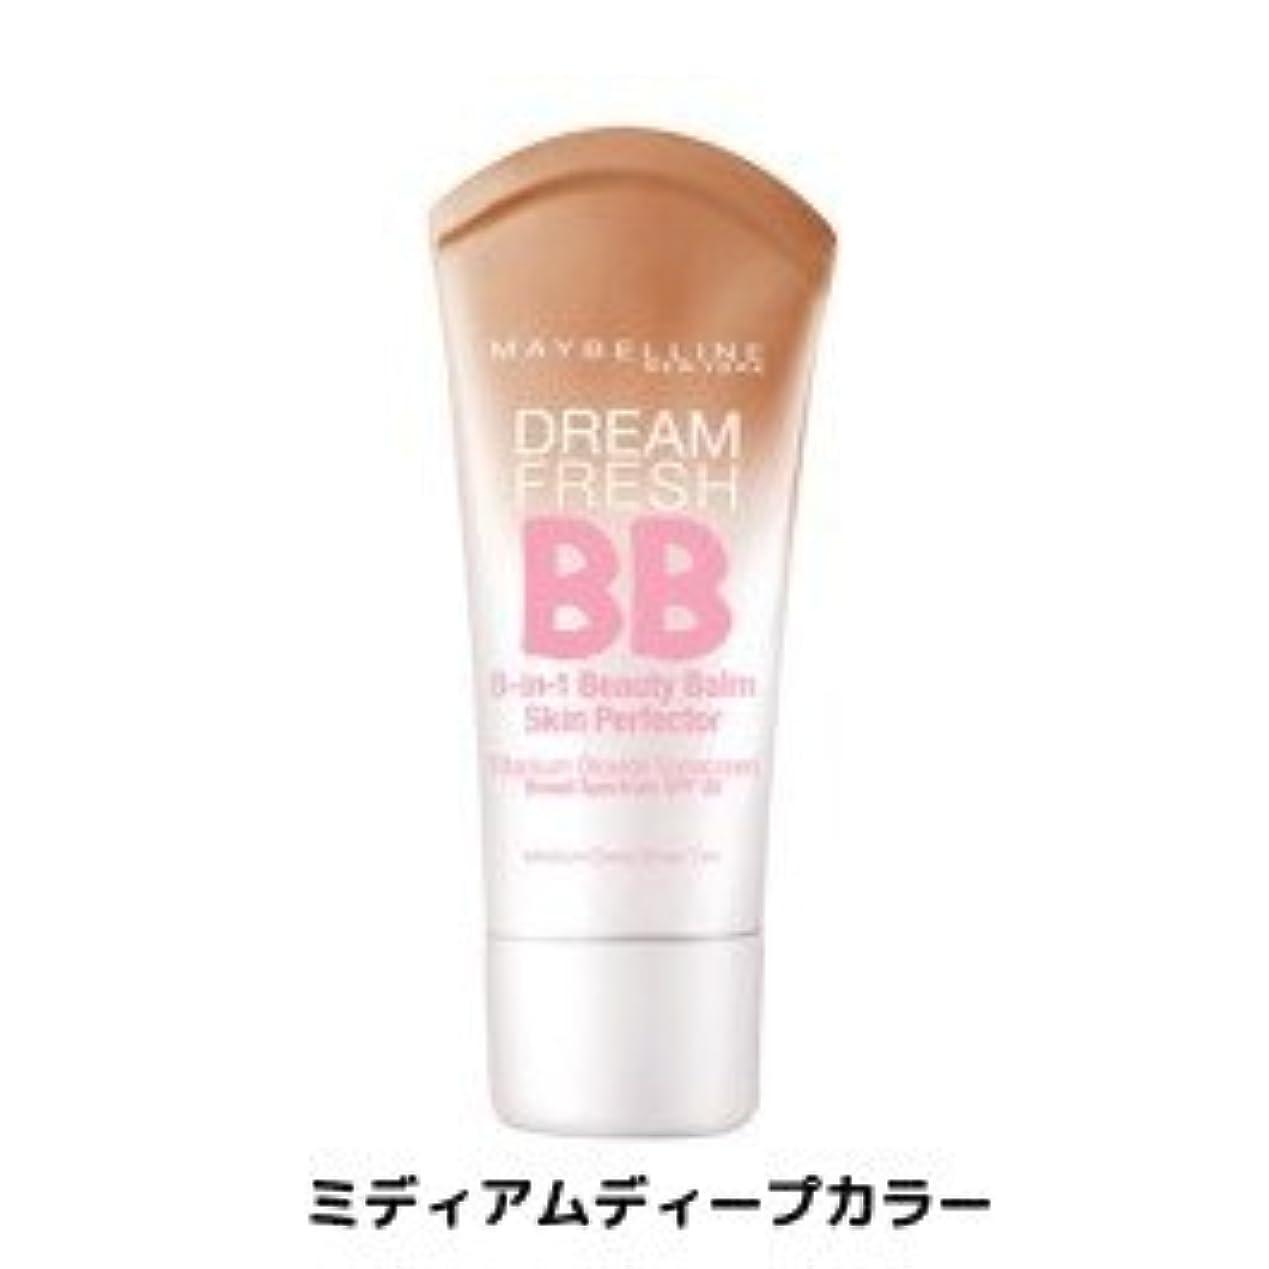 まさに分配します抽出メイベリン BBクリーム  SPF 30*Maybelline Dream Fresh BB Cream 30ml【平行輸入品】 (ミディアムディープカラー)